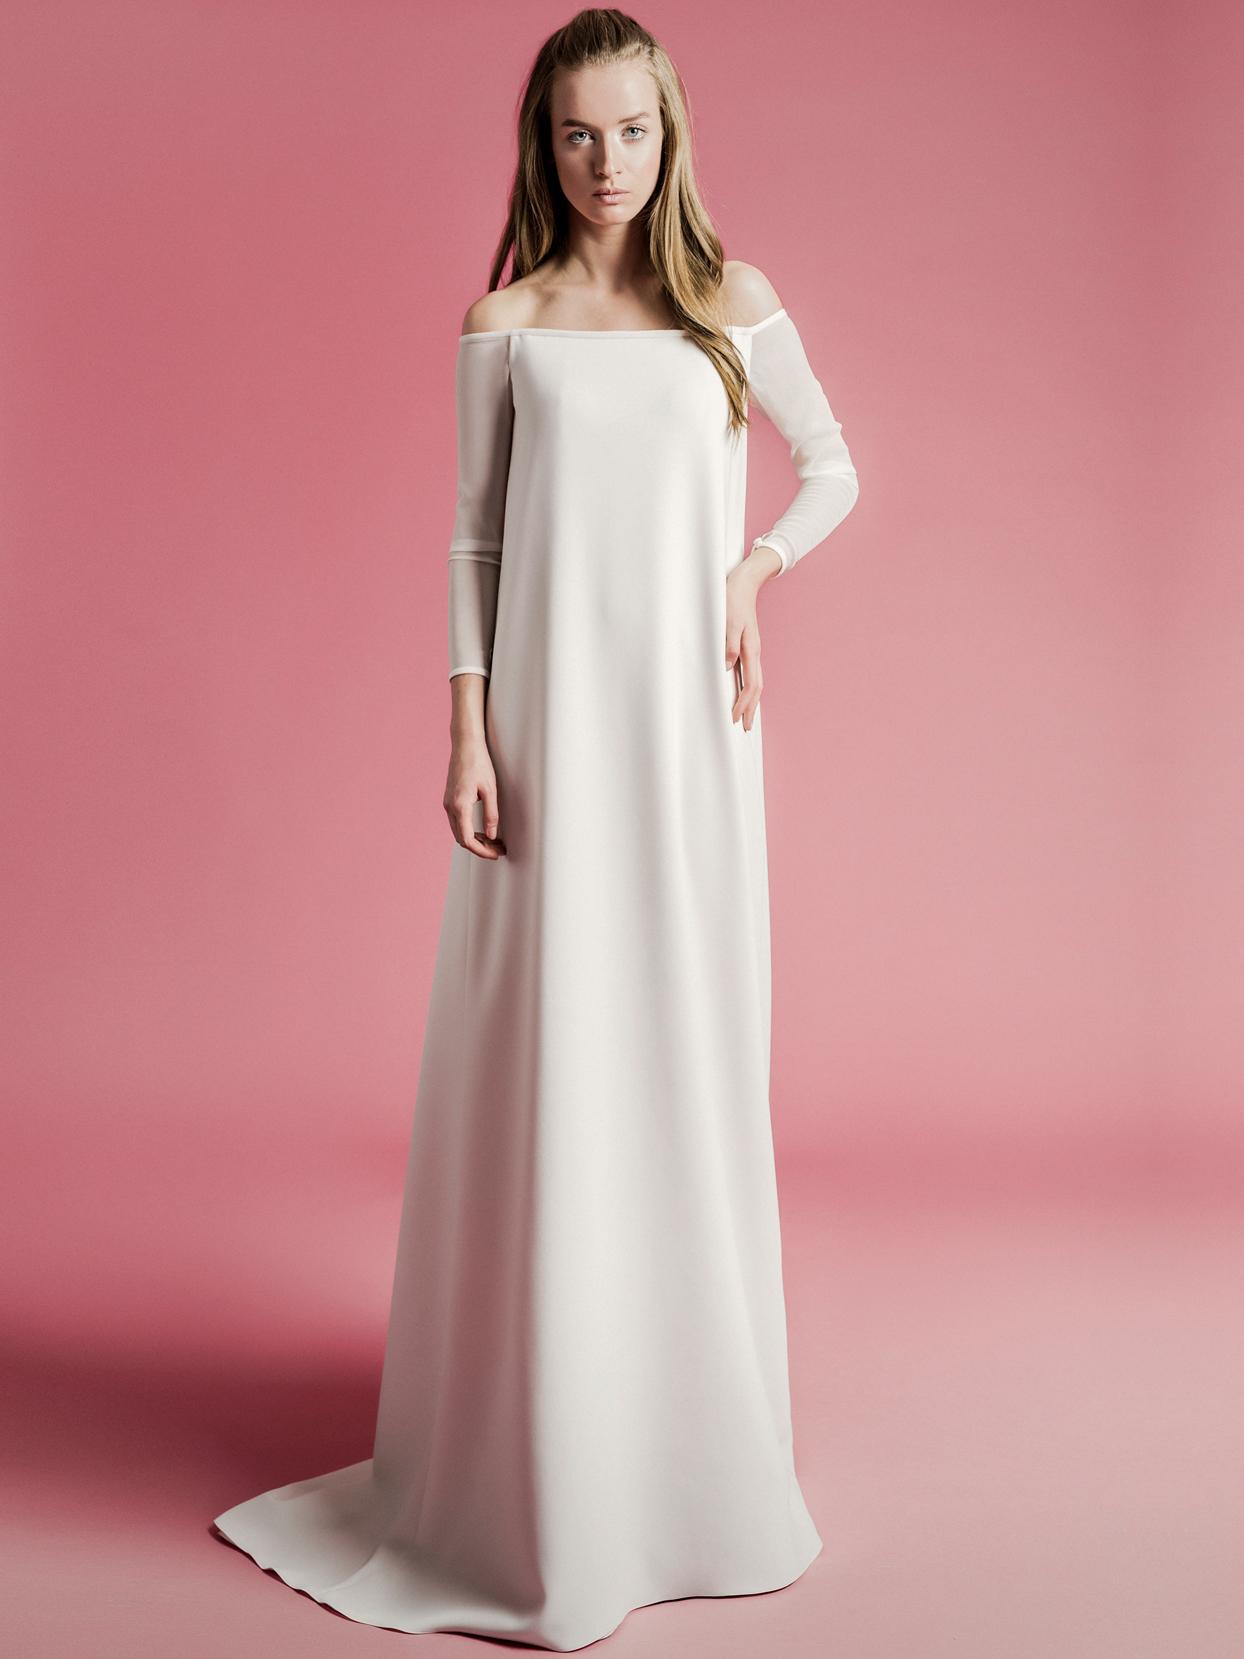 Sophie Et Voilà off-the-shoulder long sleeve sheath wedding dress spring 2021